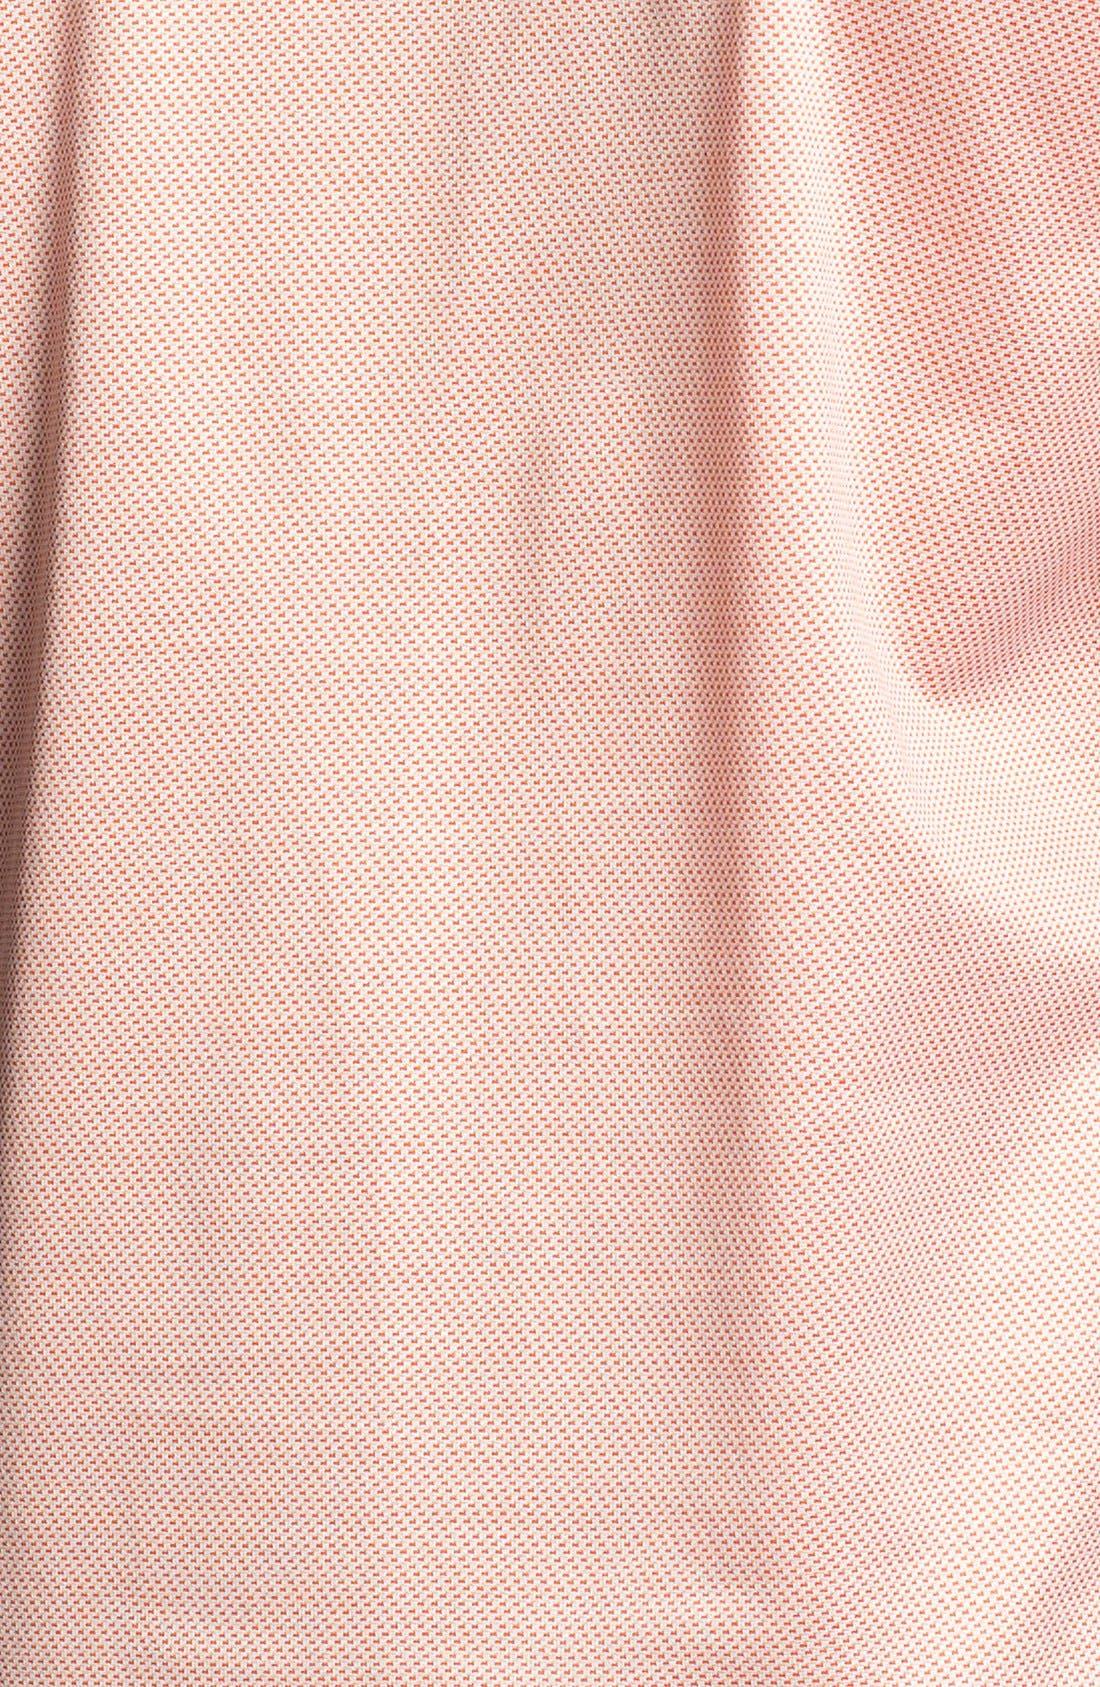 Alternate Image 3  - BUGATCHI Mercerized Cotton Polo